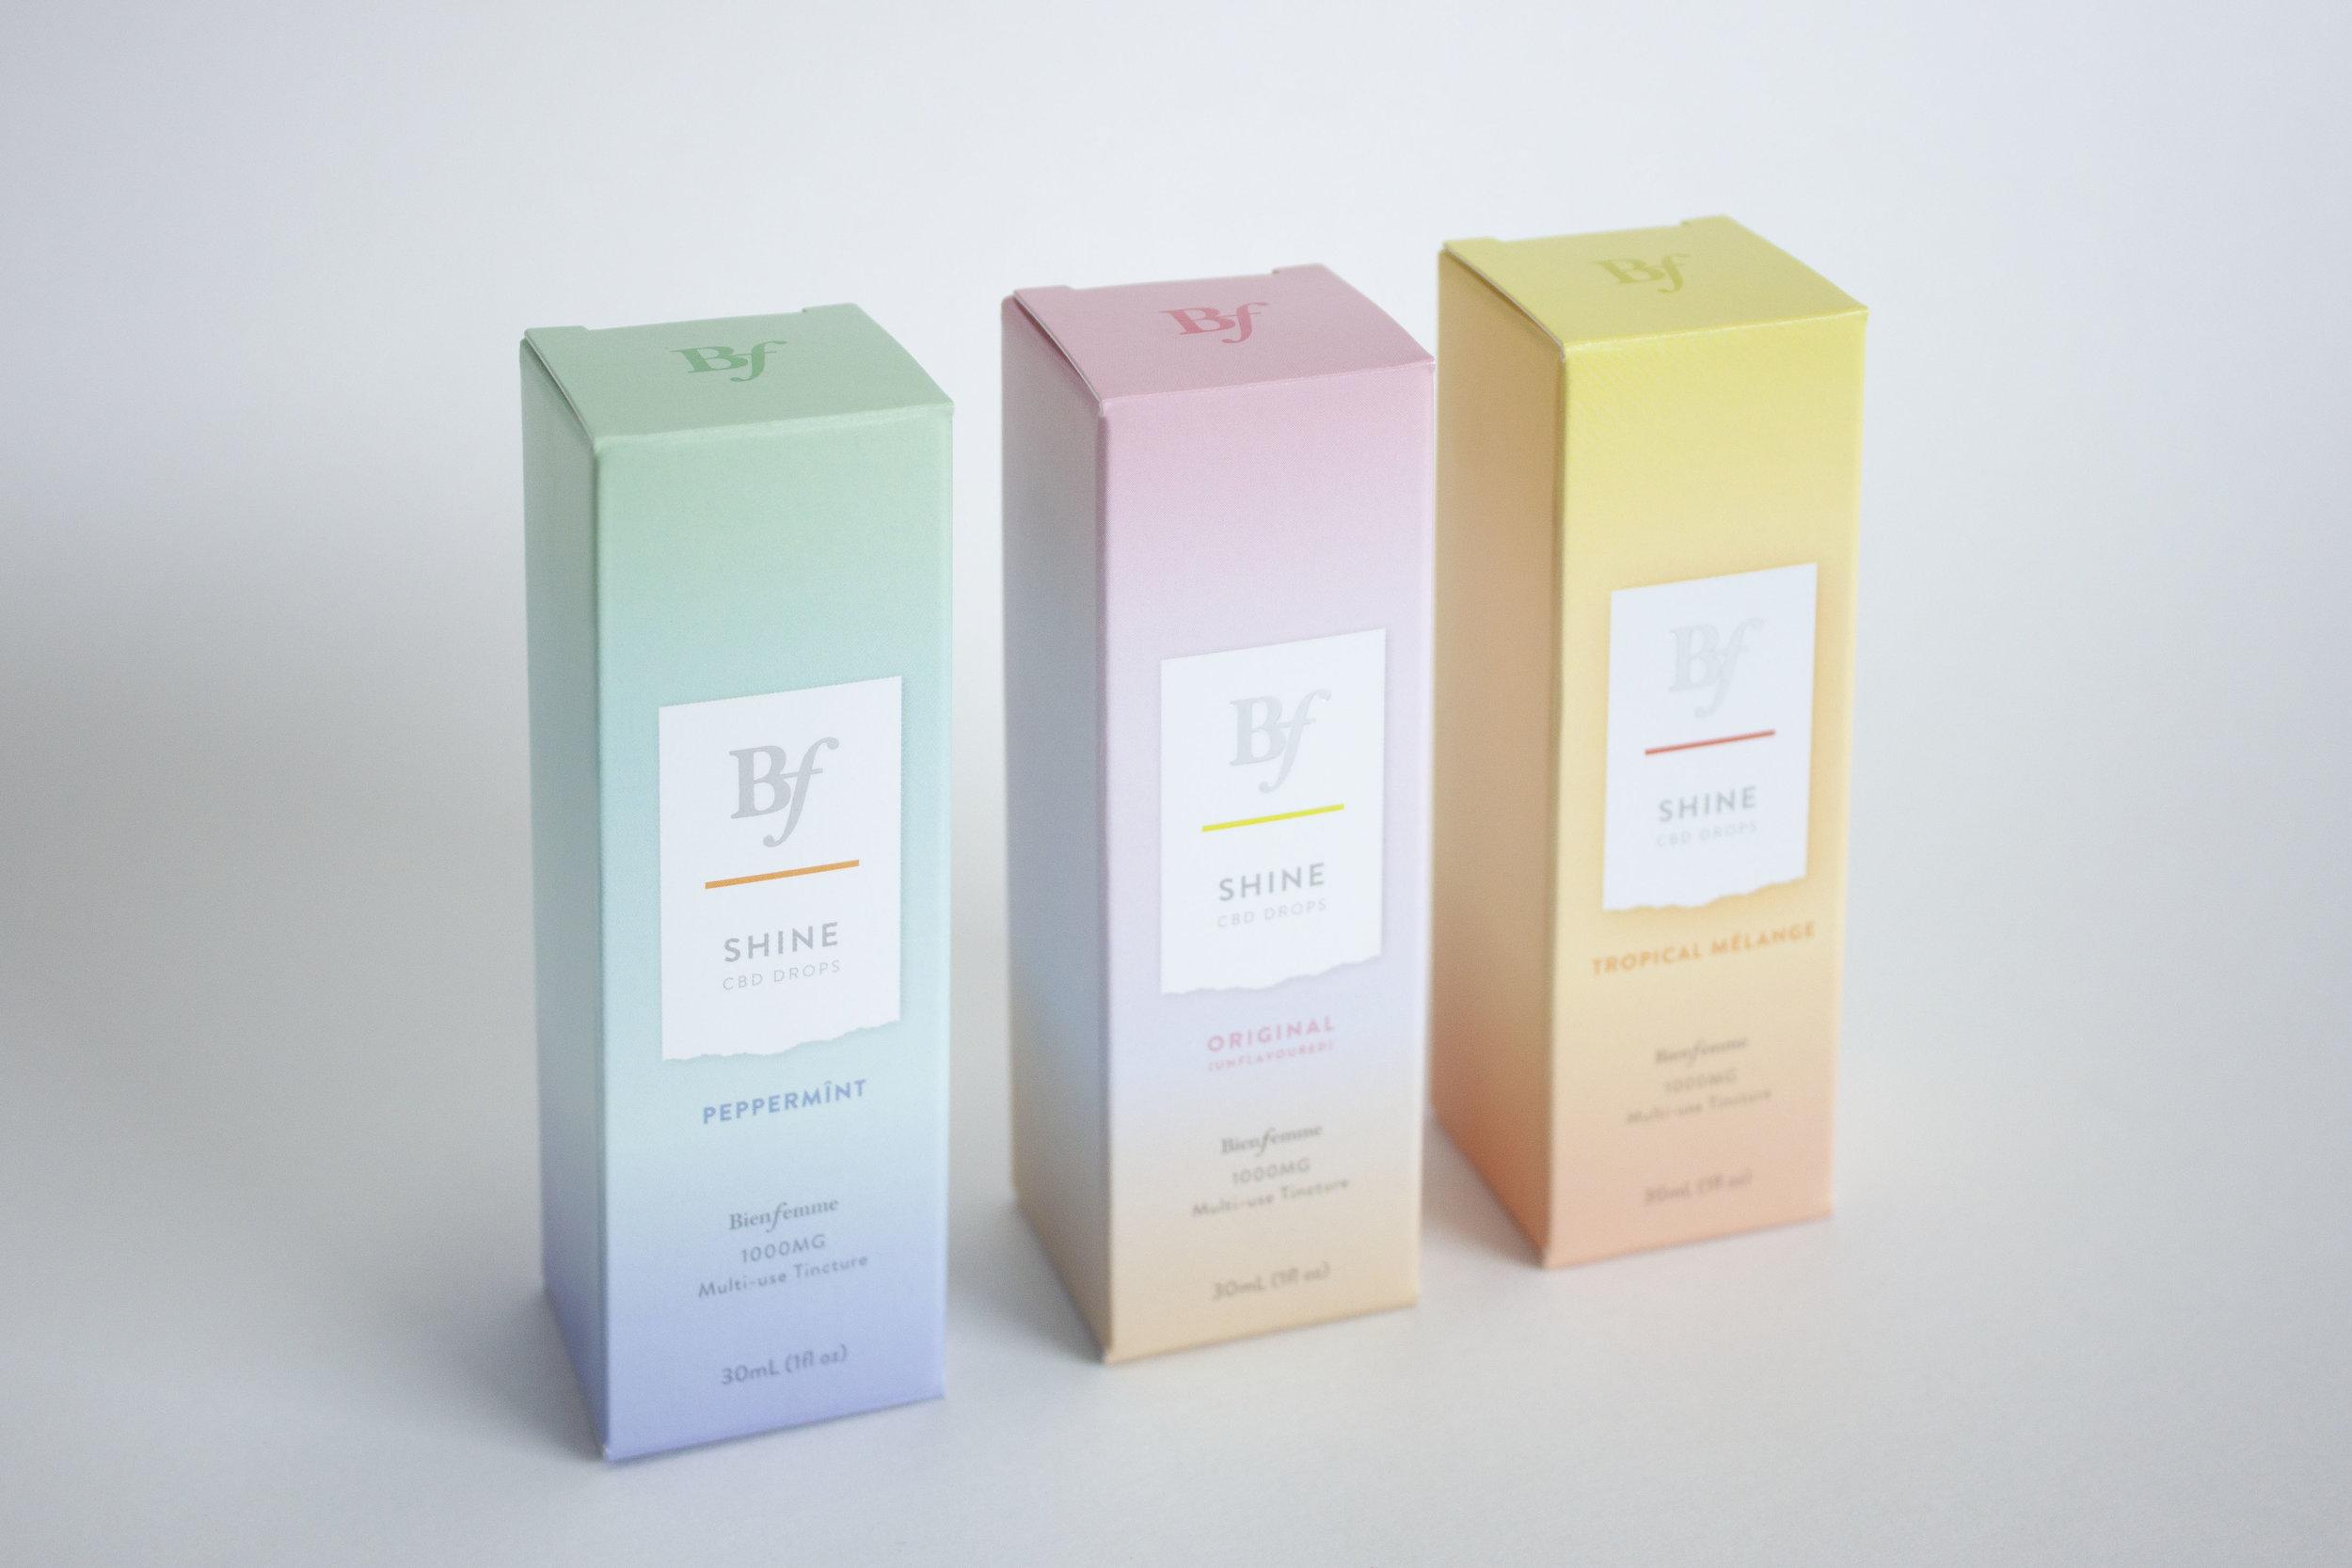 Bien Femme Packaging